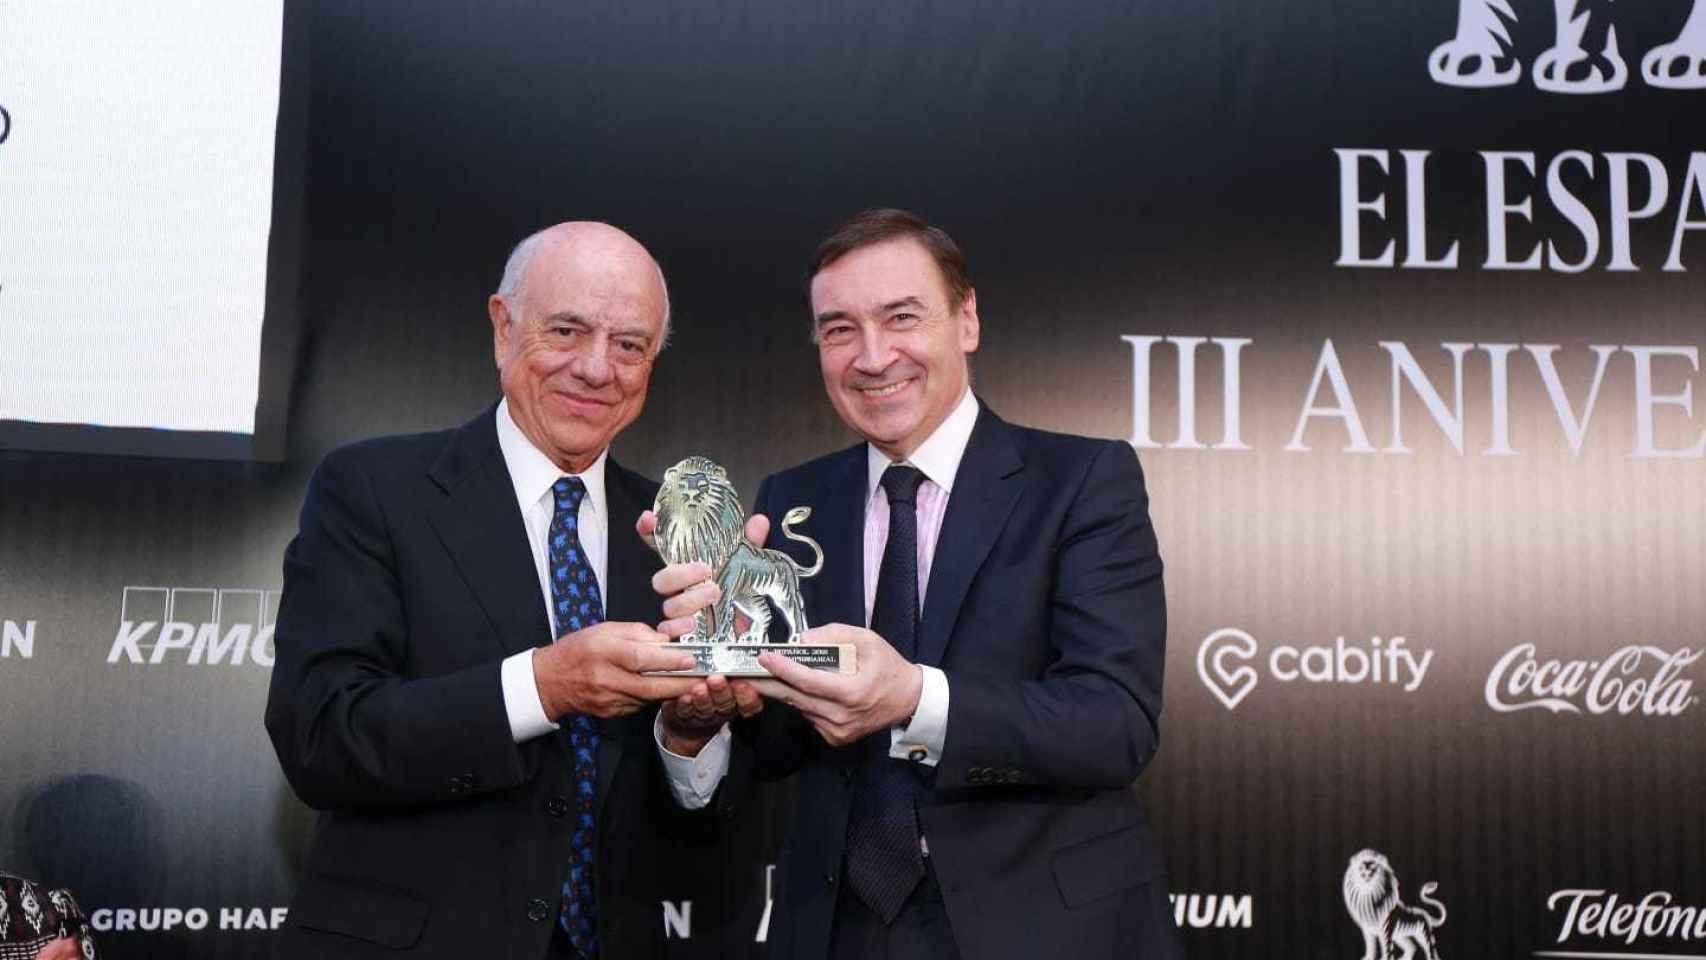 Francisco González, presidente del BBVA, recibe el premio León de El Español 2018 de manos de Pedro J. Ramírez.